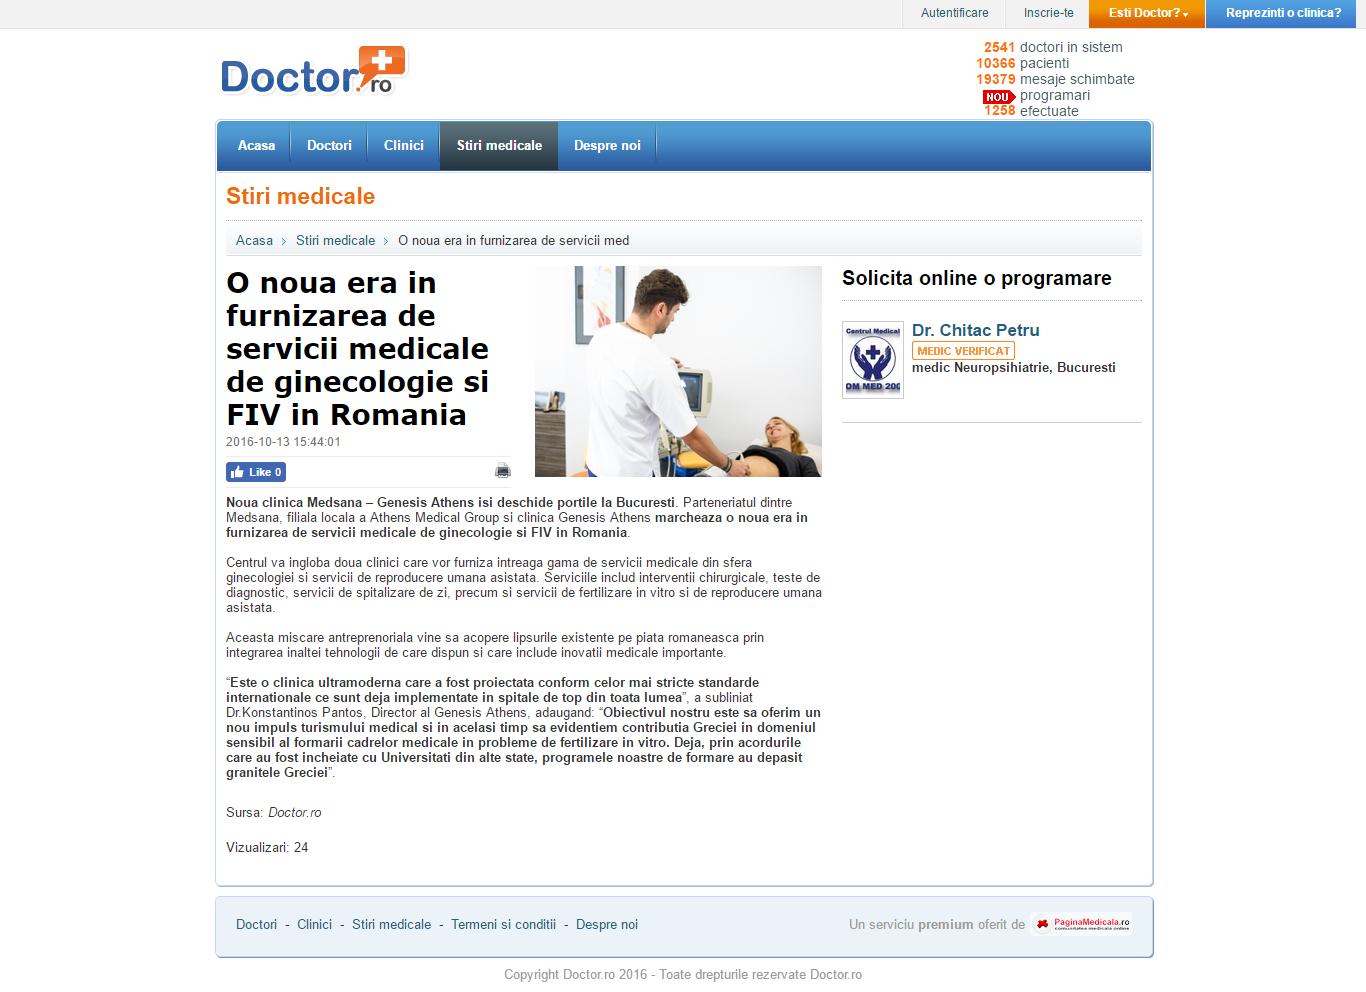 screencapture-doctor-ro-stiri-medicale-o-noua-era-in-furnizarea-de-se_21762-1476906217105